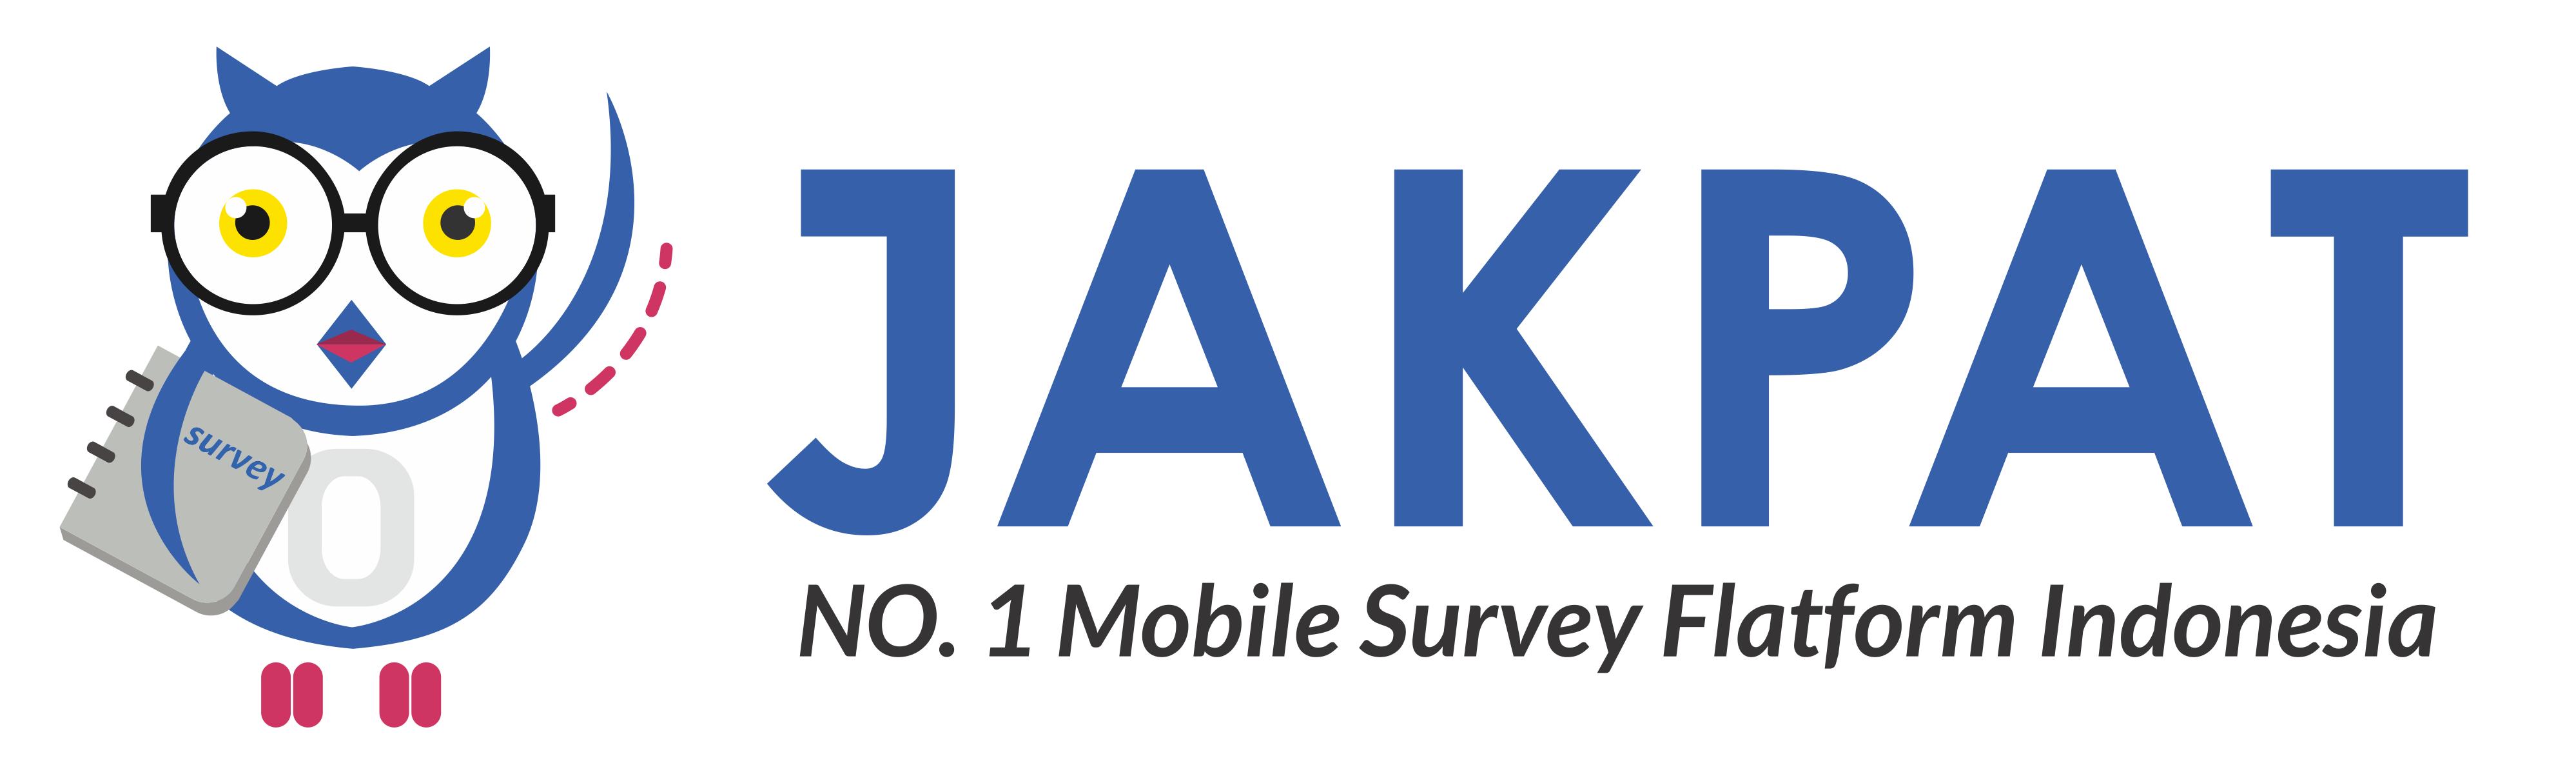 Aplikasi Penghasil Uang Tercepat, Hanya Menjawab Survey